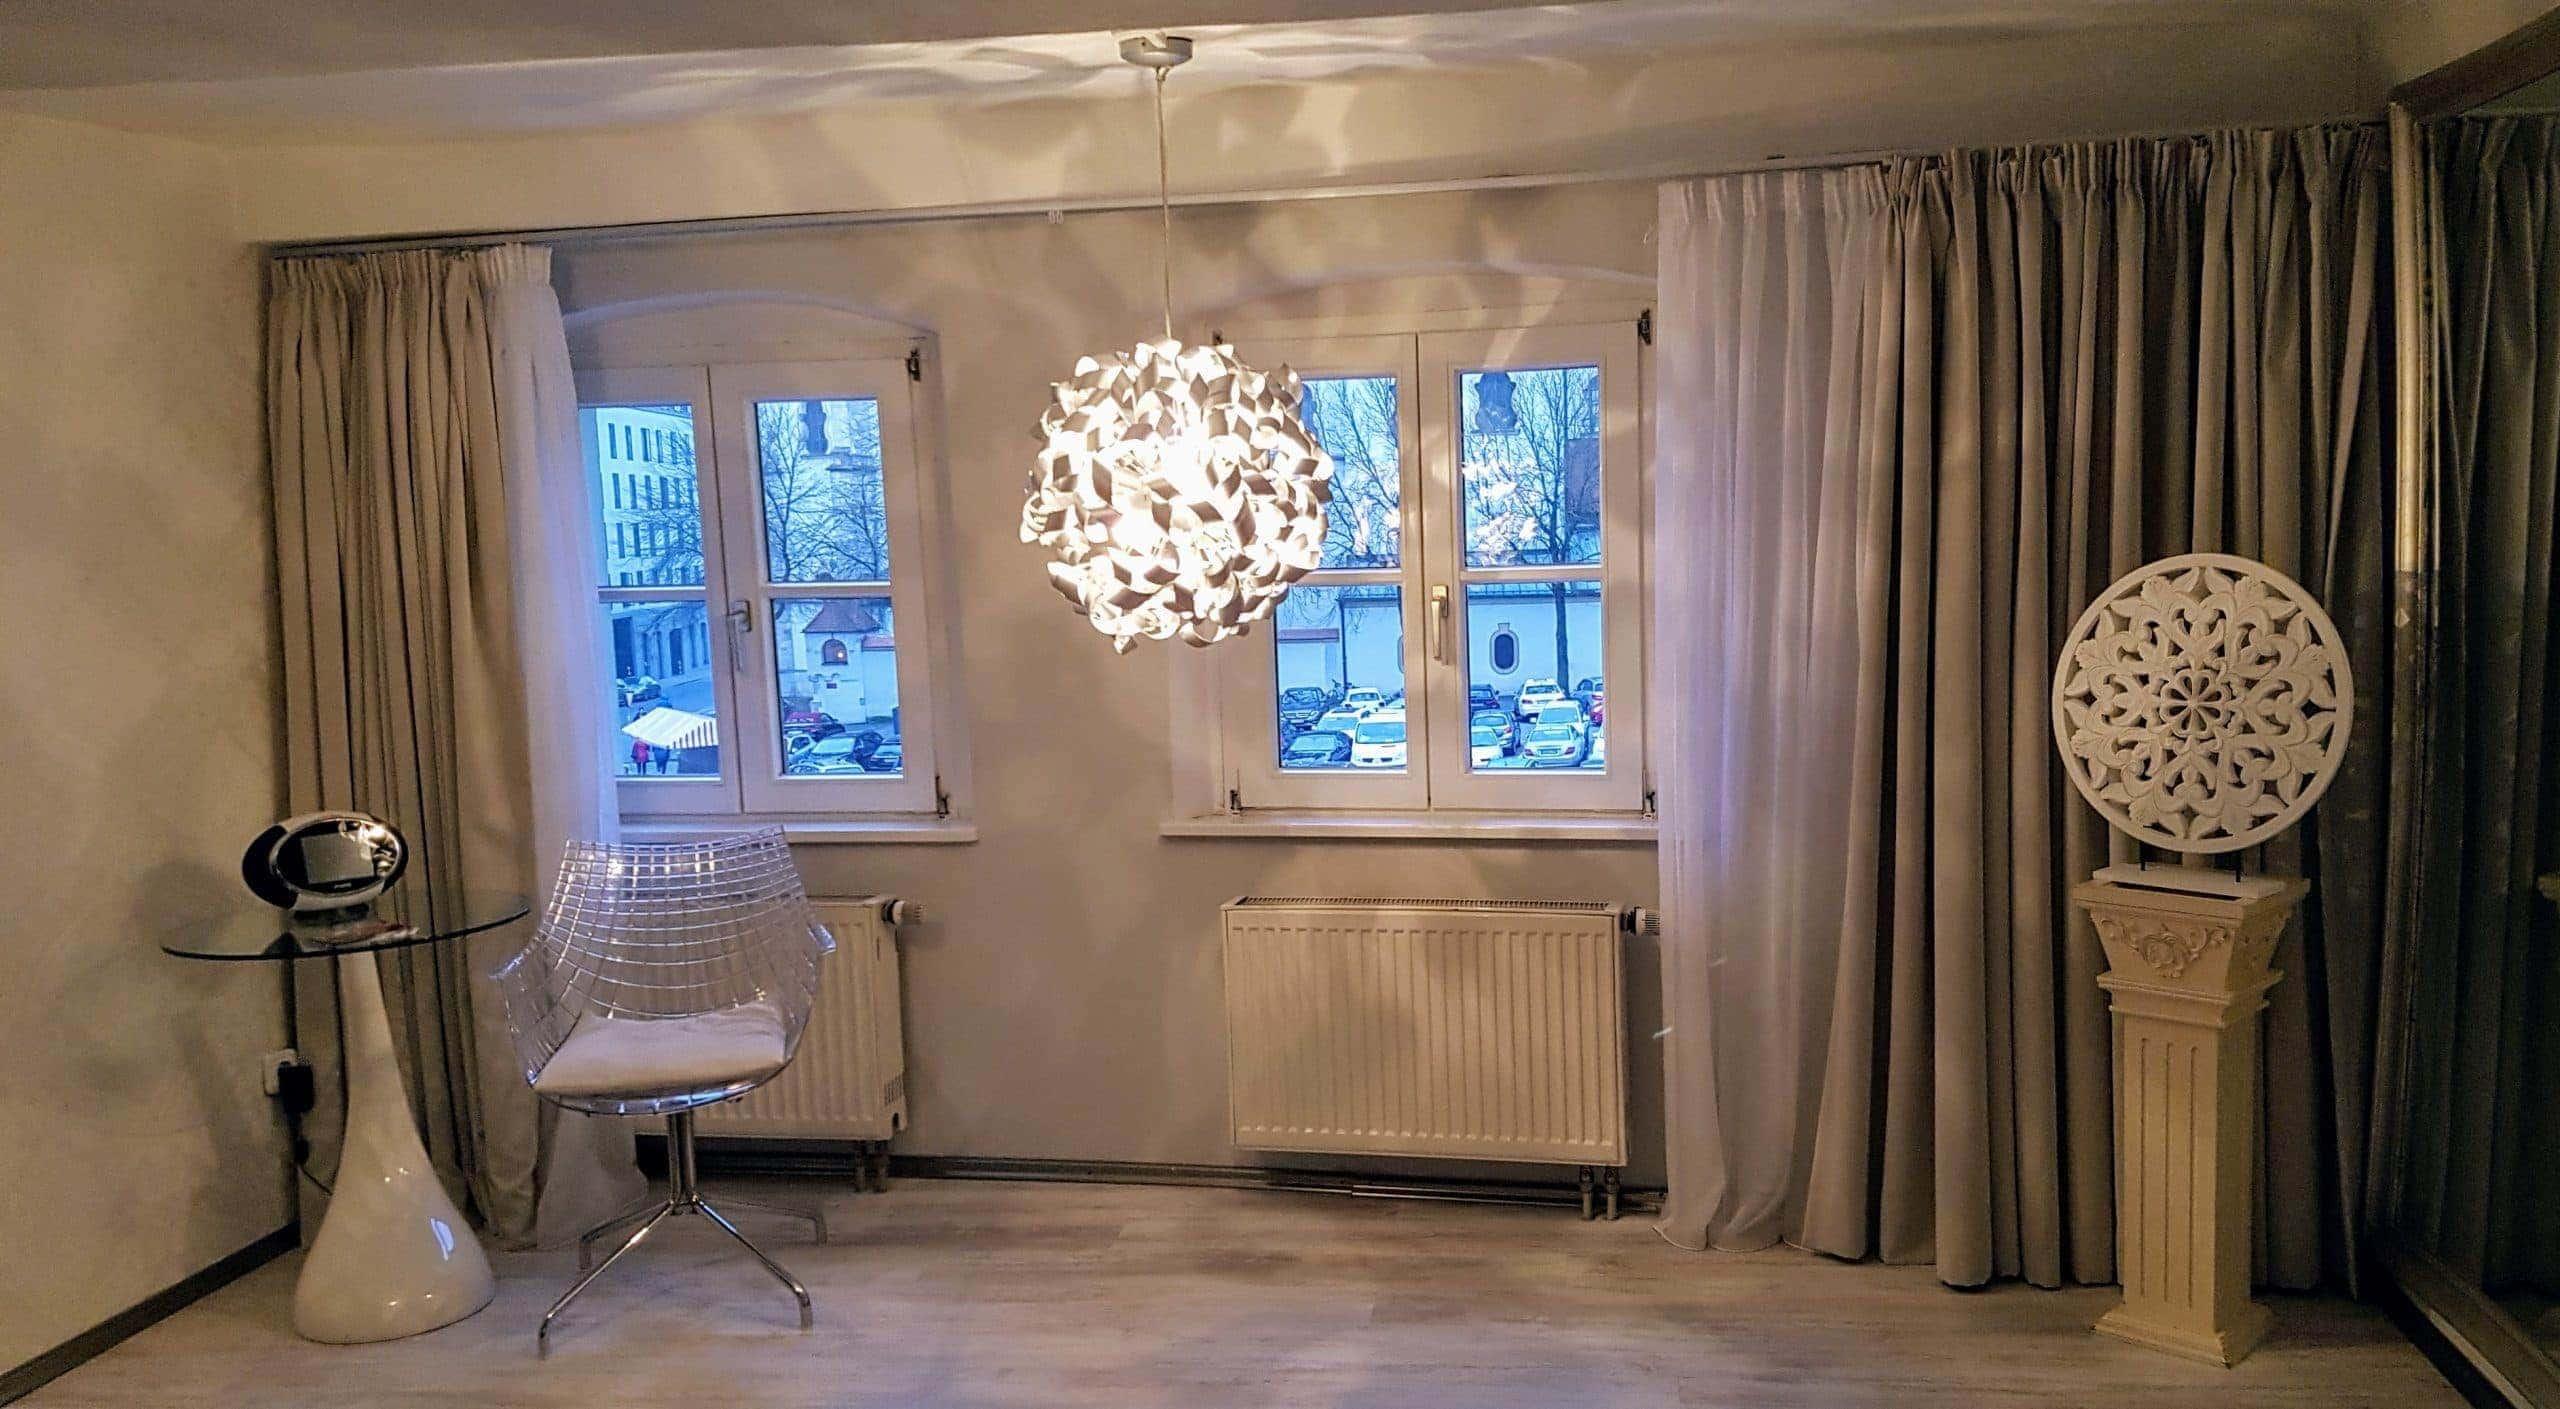 Wohlfühlatmosphäre in den Zimmern des Elements Hotels